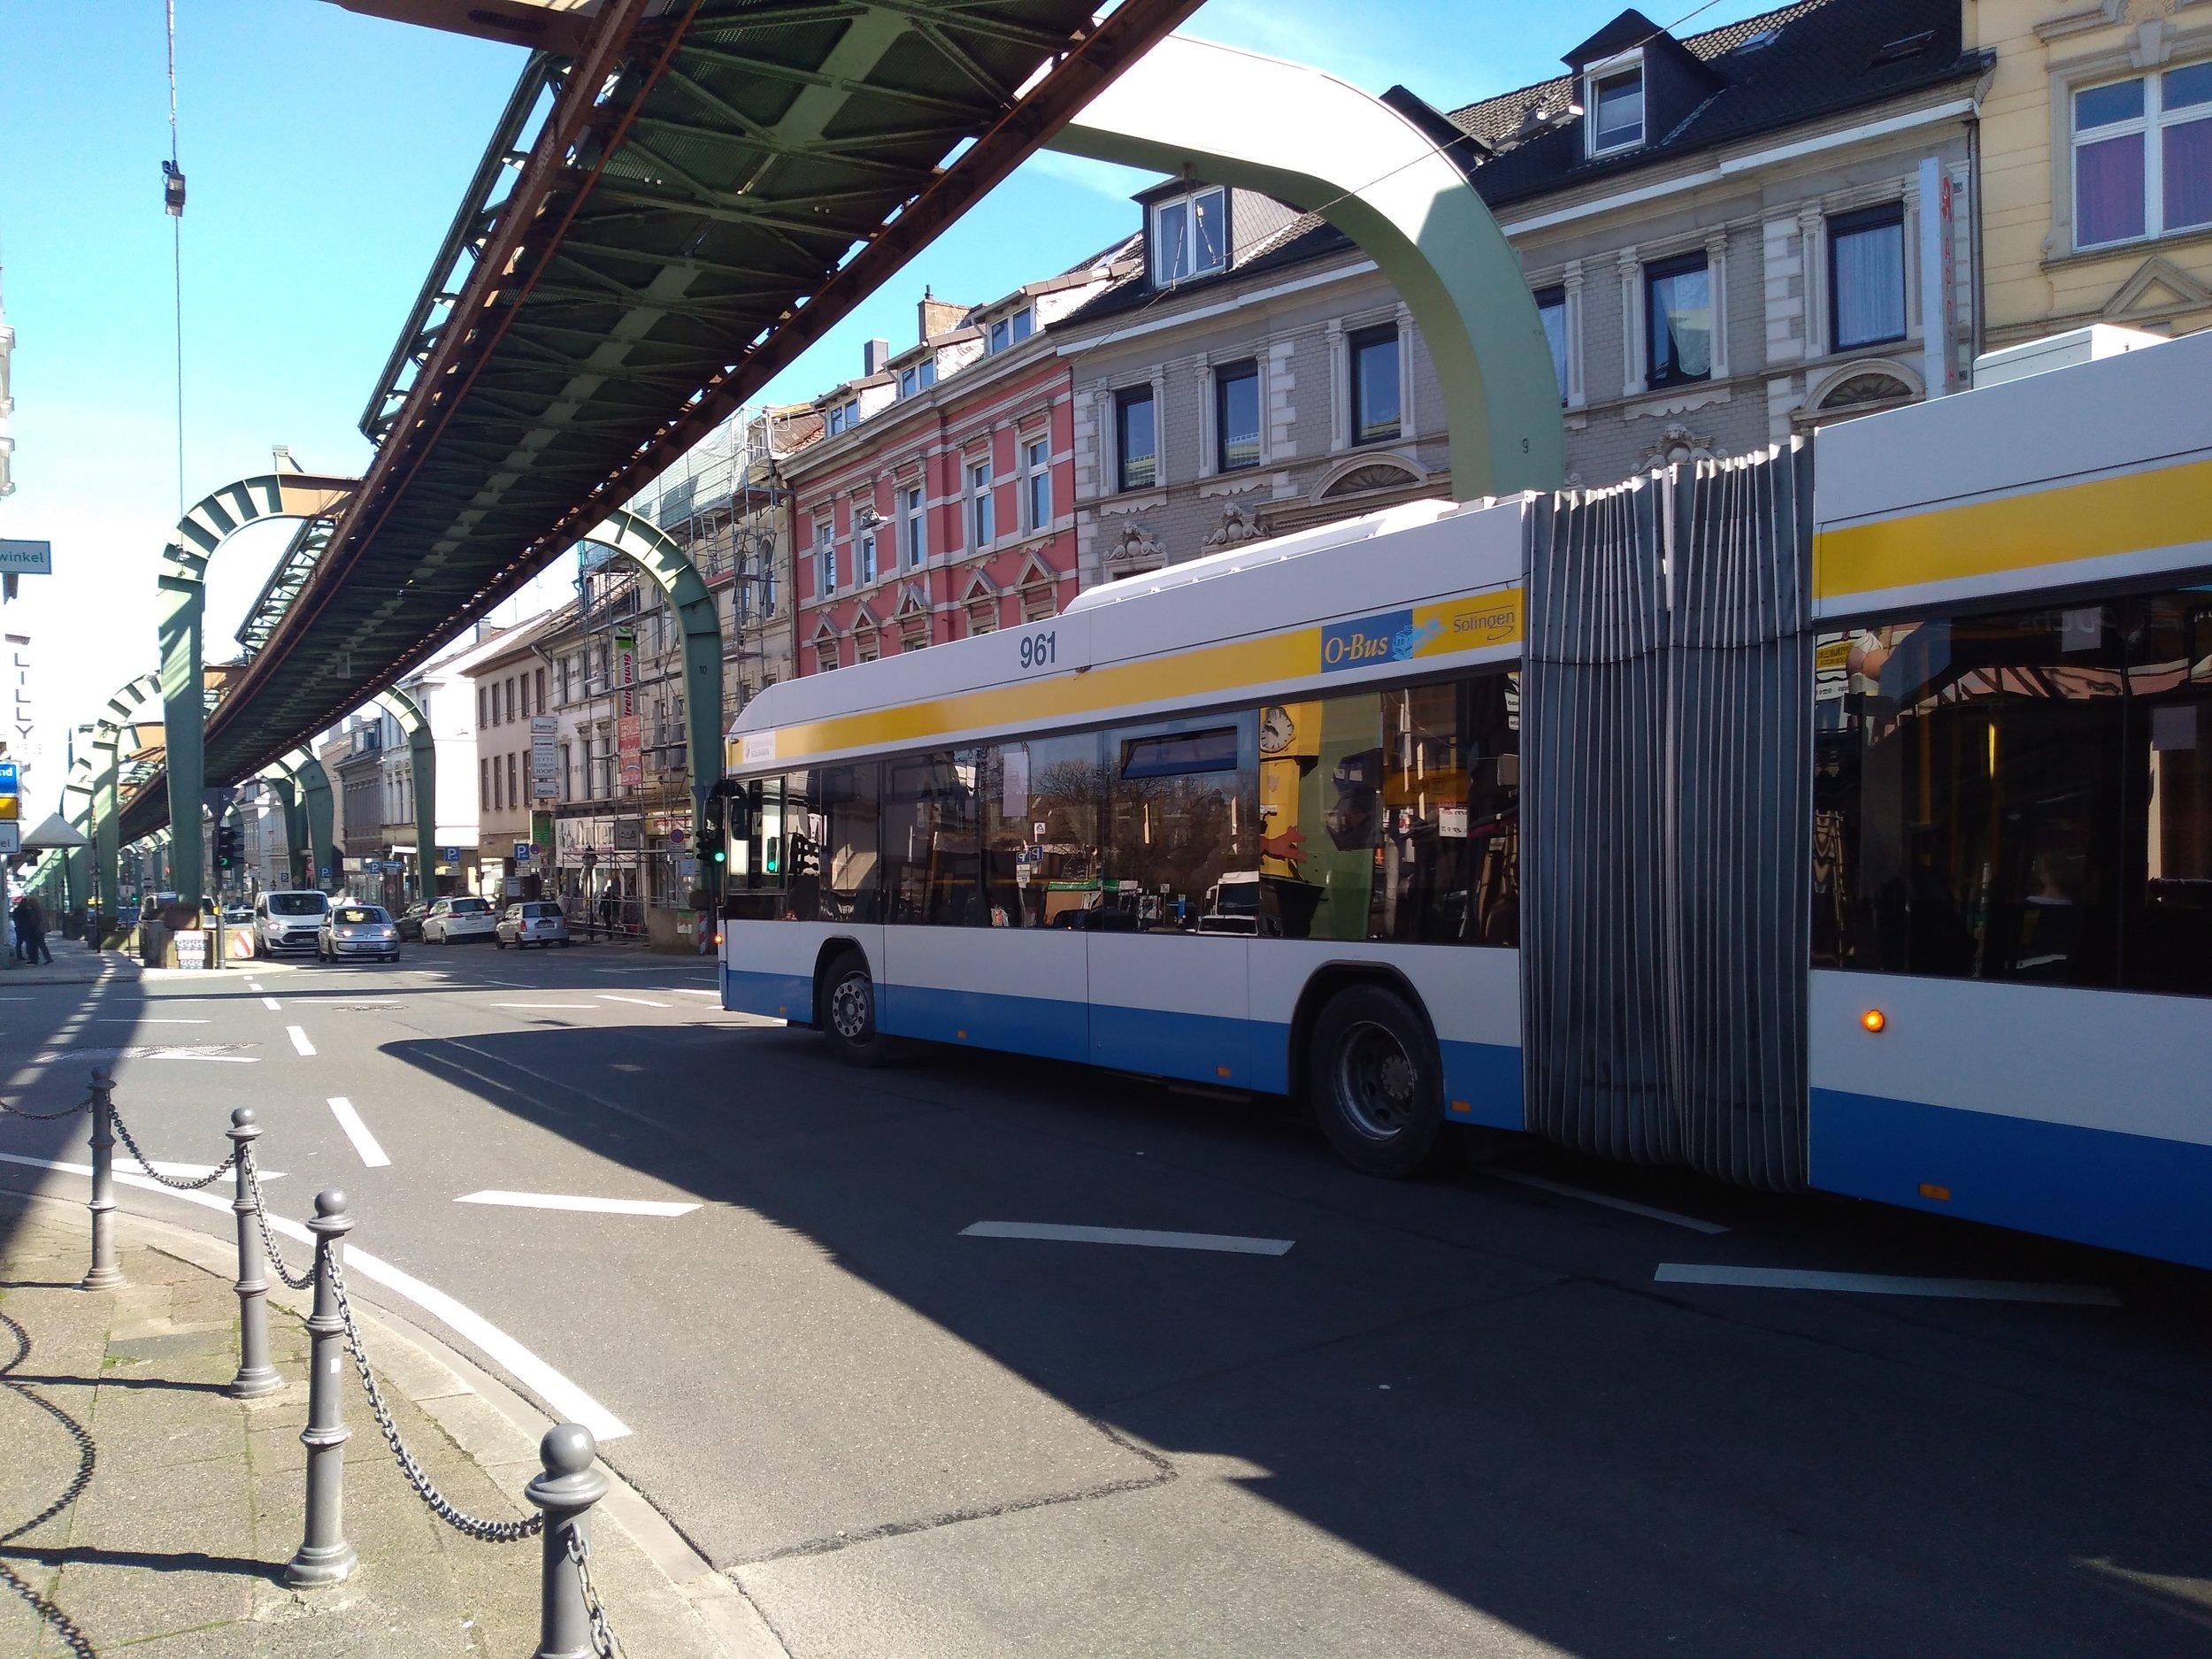 Trolejbus kdysi po příjezdu do Wuppertalu dojel k výchozí zastávce místní slavné visuté dráhy (za zády fotografa) a vracel se zpět. U visuté dráhy byla trojúhelníková bloková smyčka, na které trolejbusy měnily směr. Dne 4. srpna 2014 začaly trolejbusy jezdit k vohwinkelskému nádraží s pomocí dieselového pohonu a velká část smyčky, ze které trolejbus právě vyjíždí, tím zůstala nevyužita.